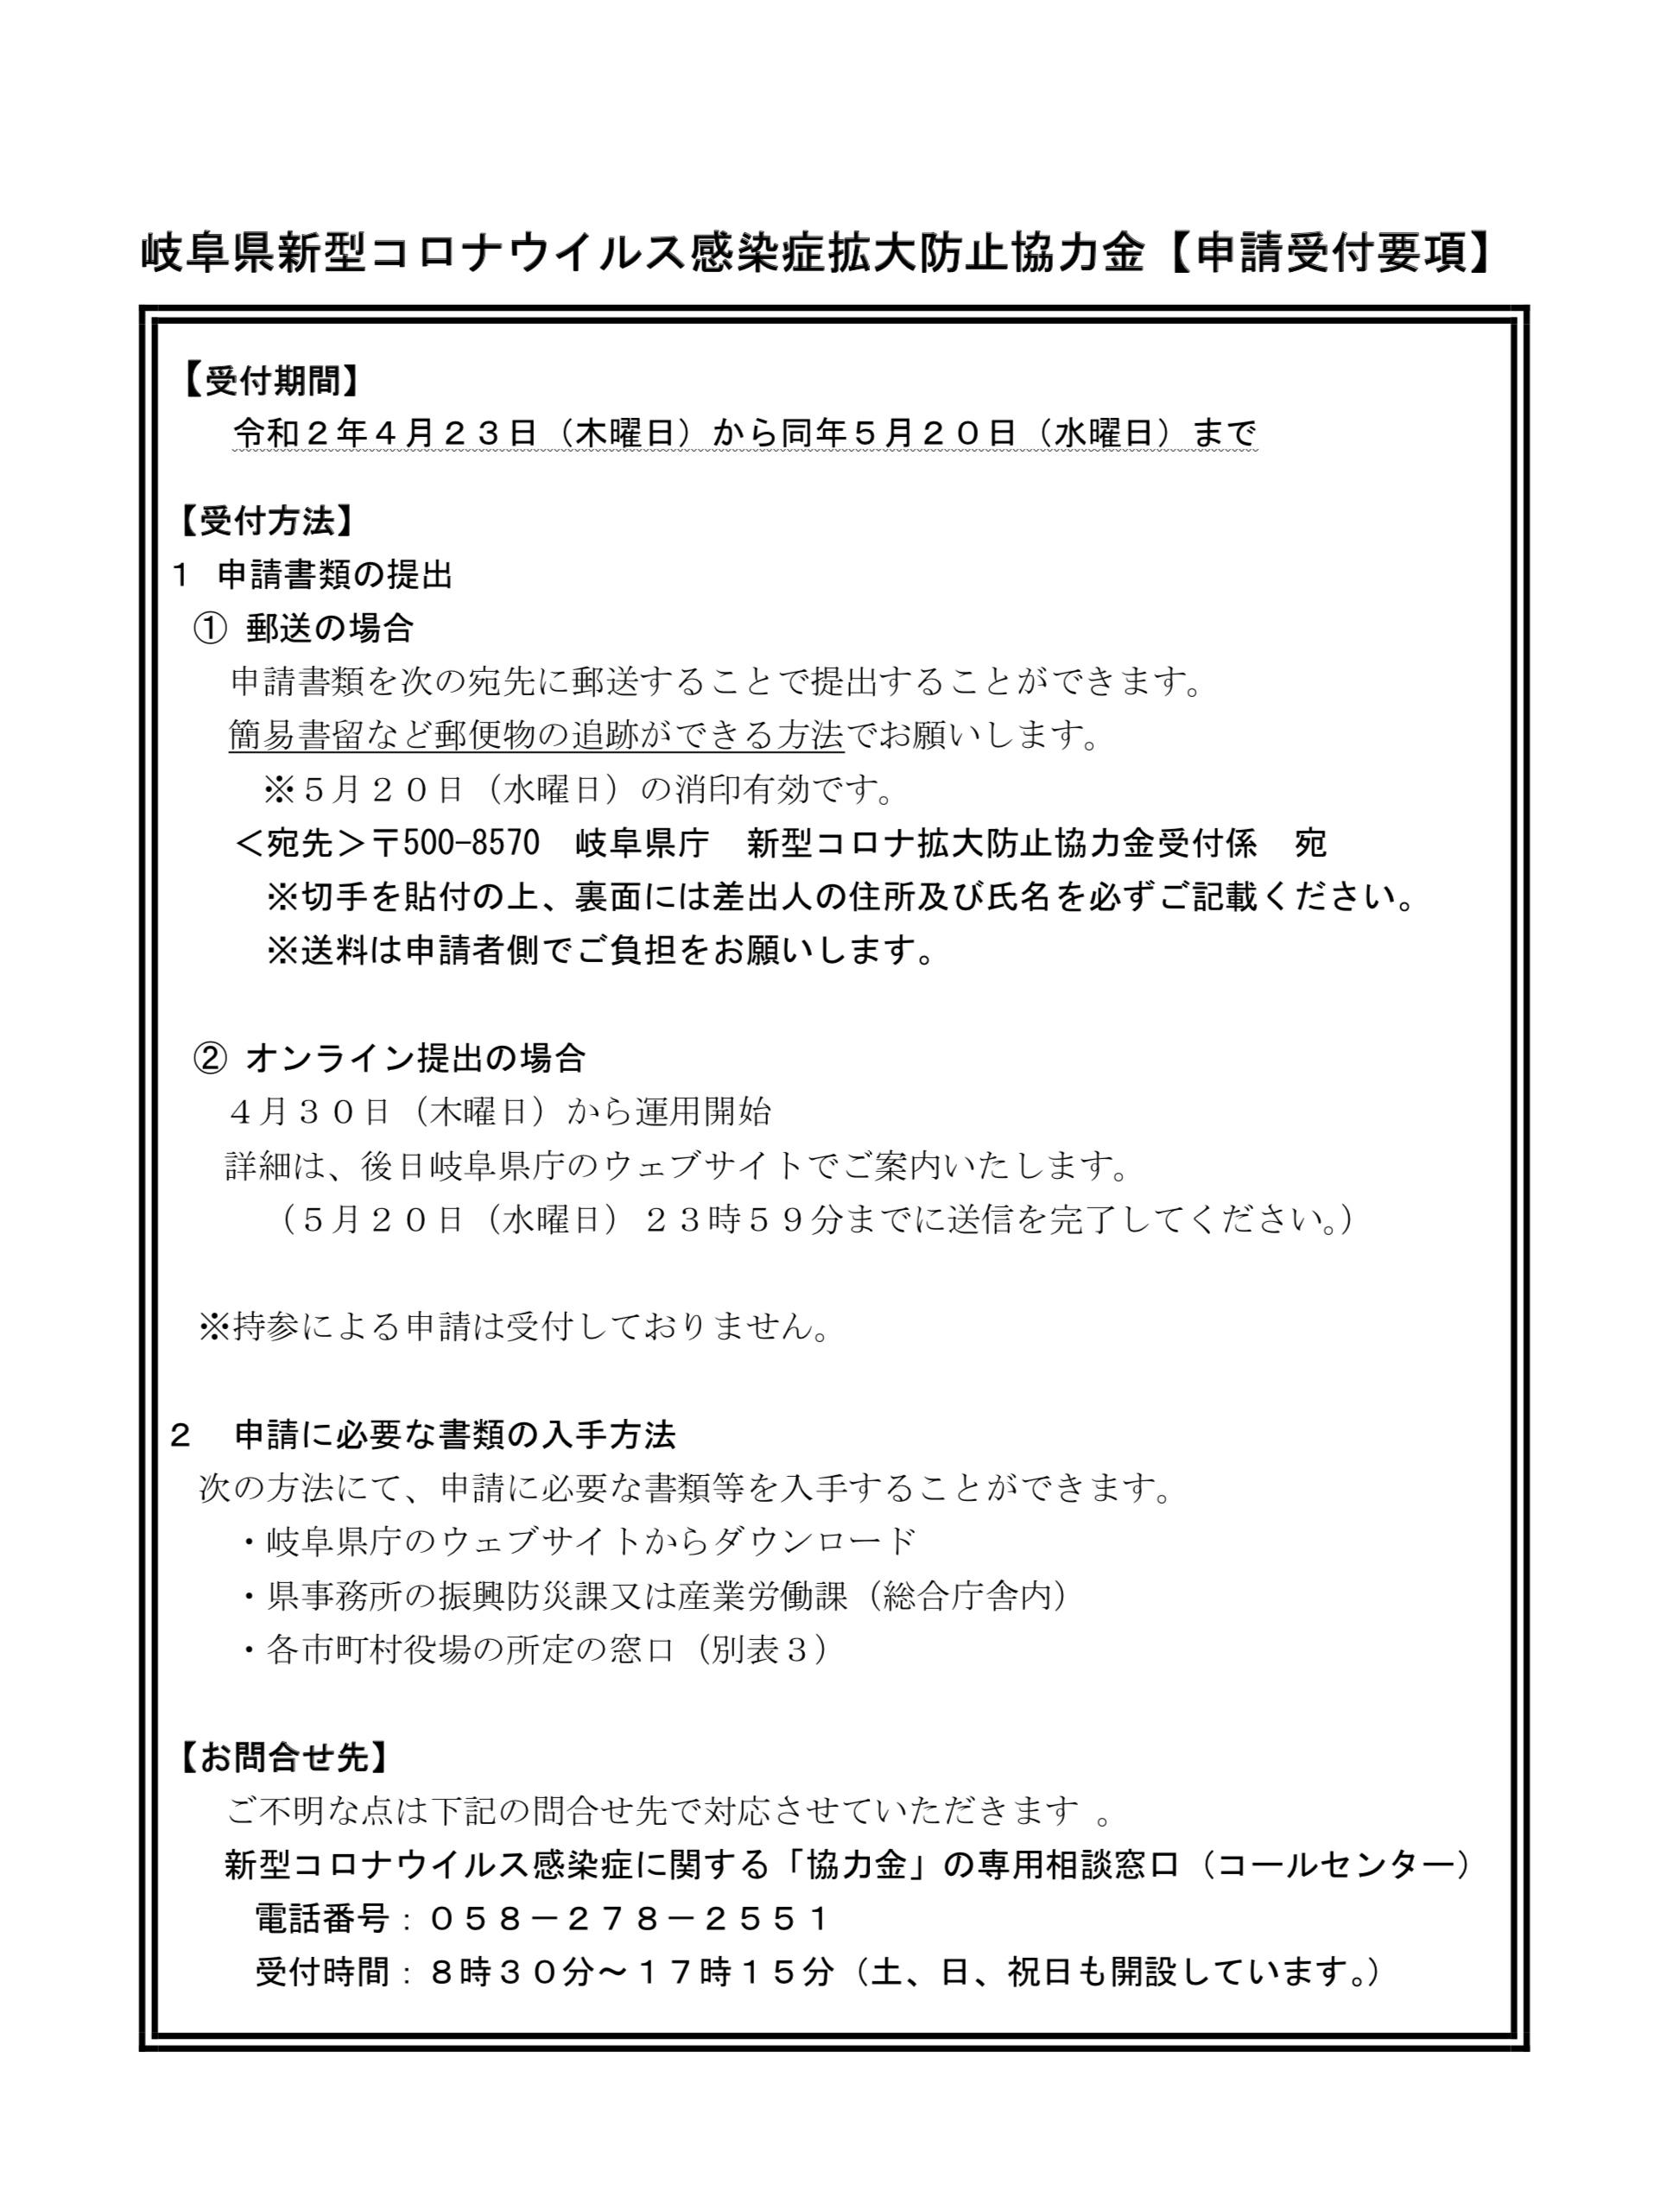 ウィルス 岐阜 県 新型 コロナ コロナウイルス感染症の患者の発生状況/課名/岐阜市公式ホームページ